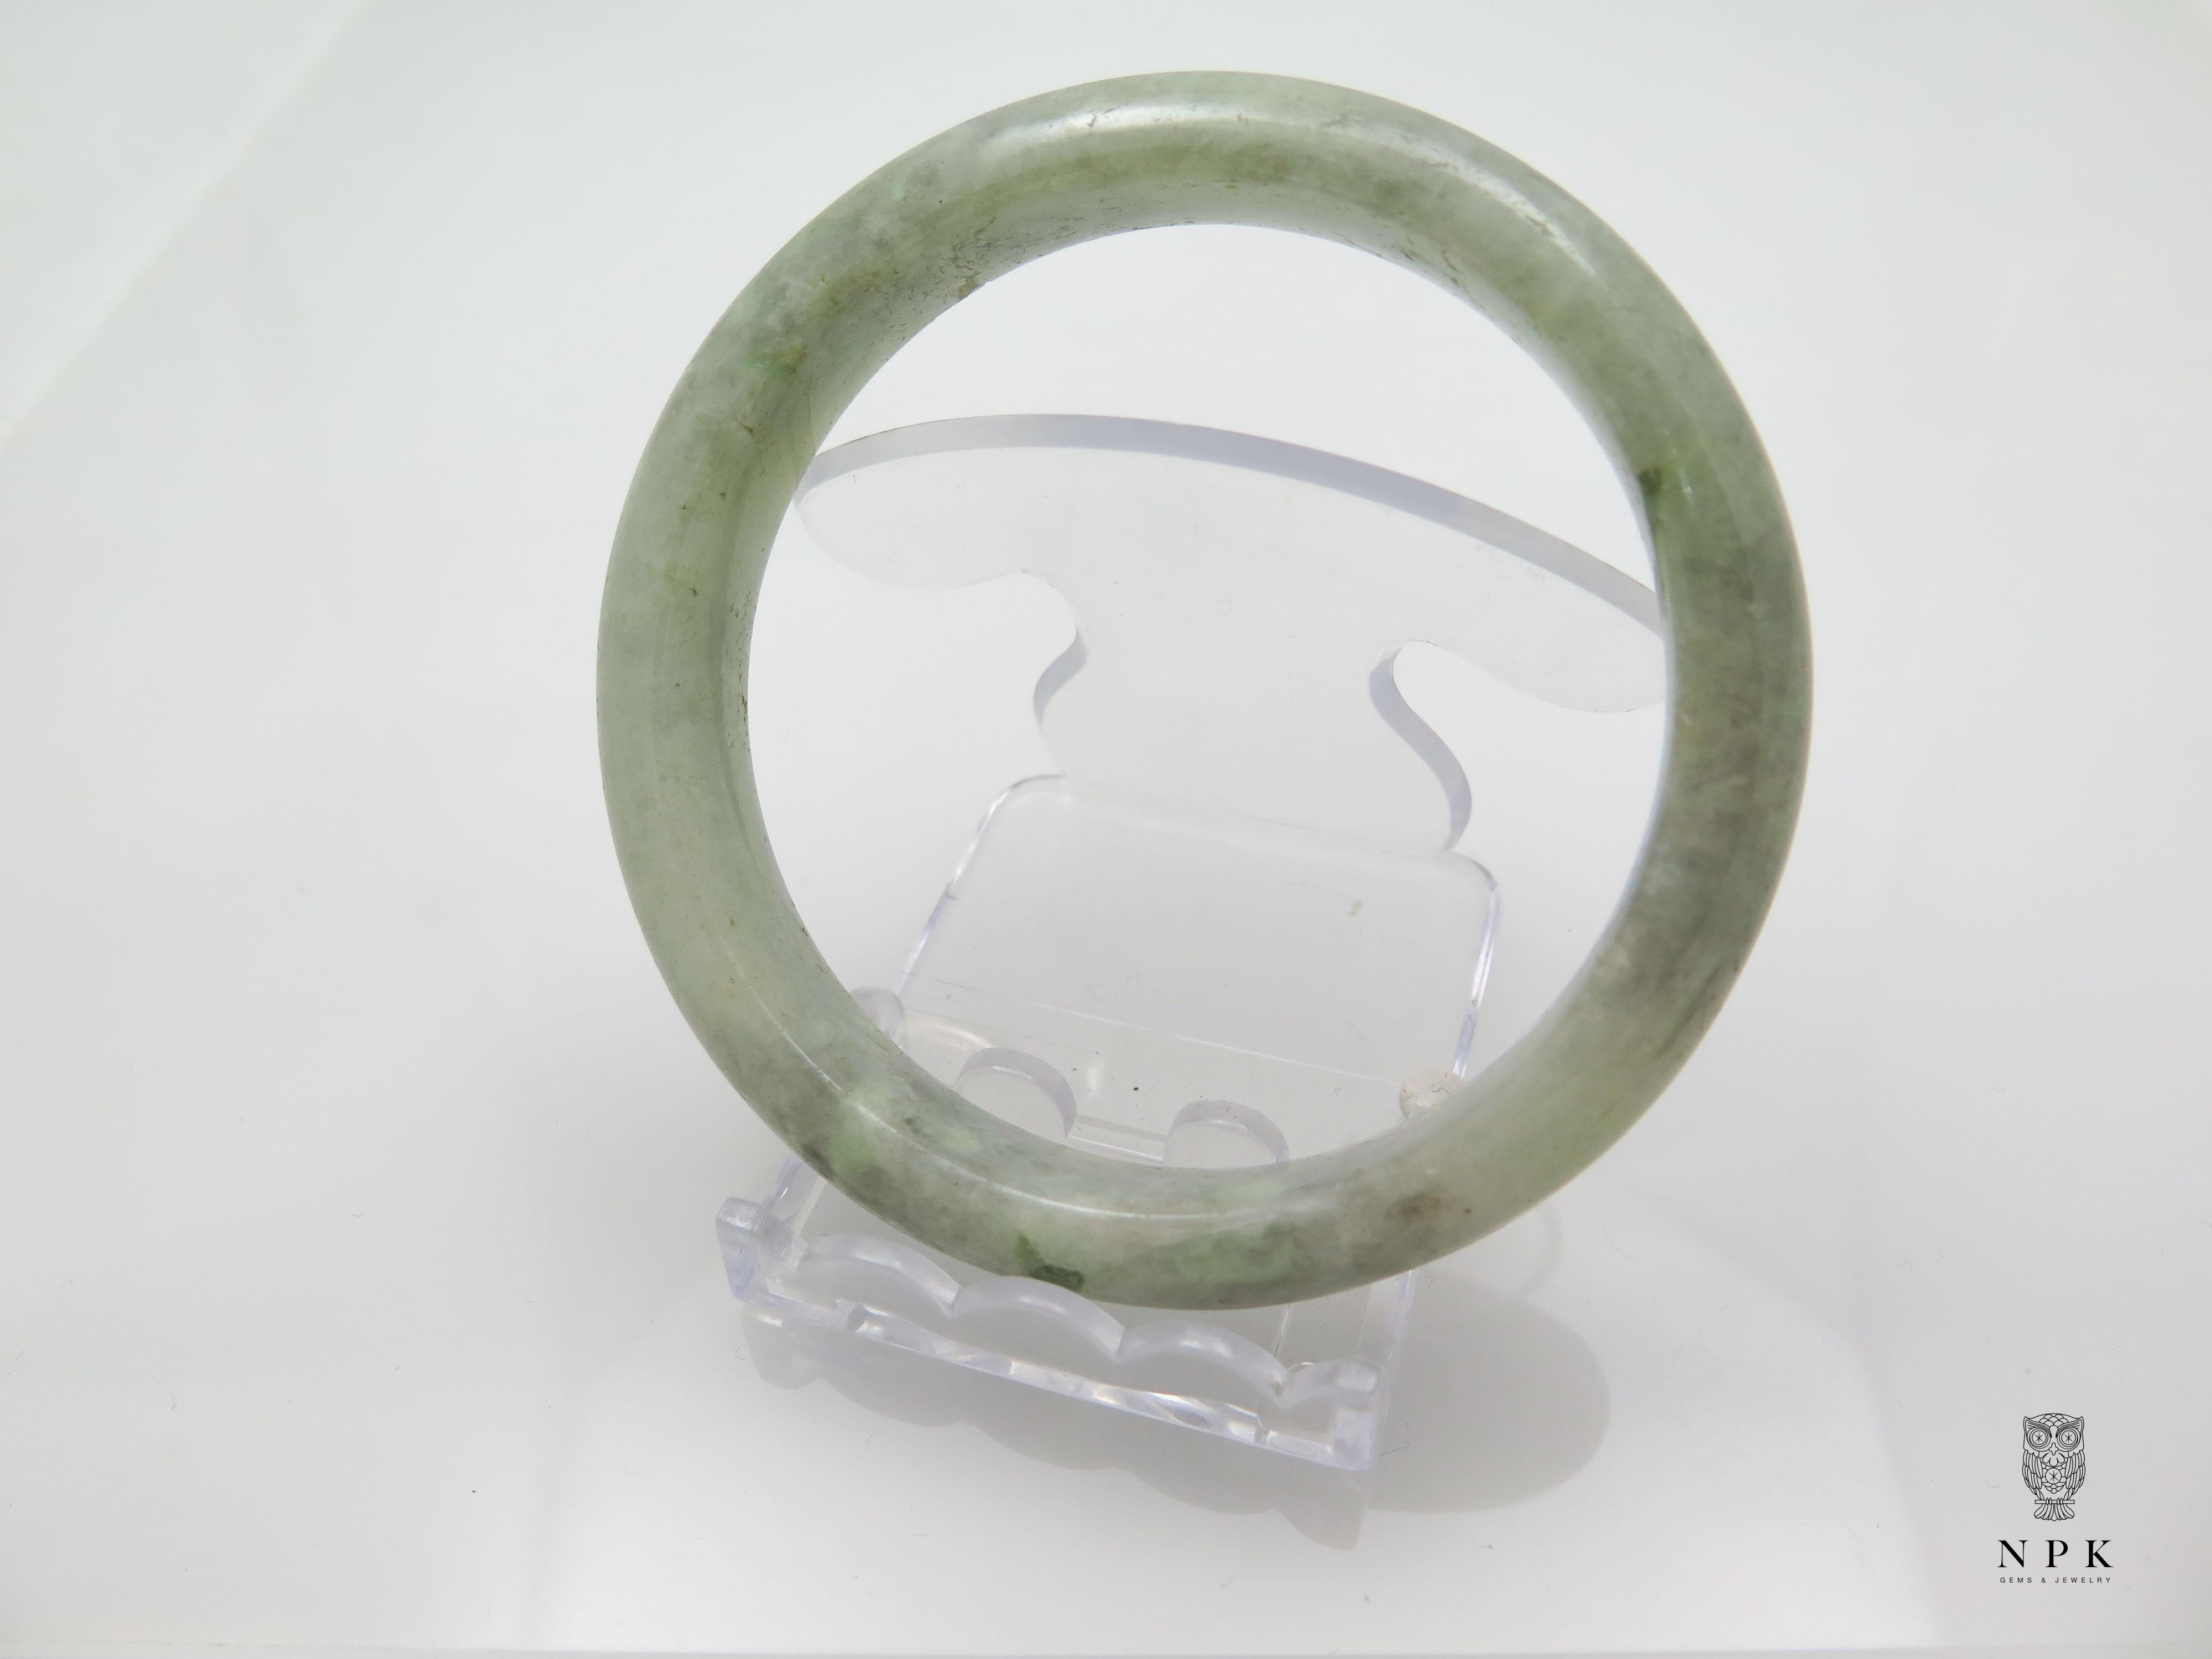 กำไลหยก (Brama jade bangle)